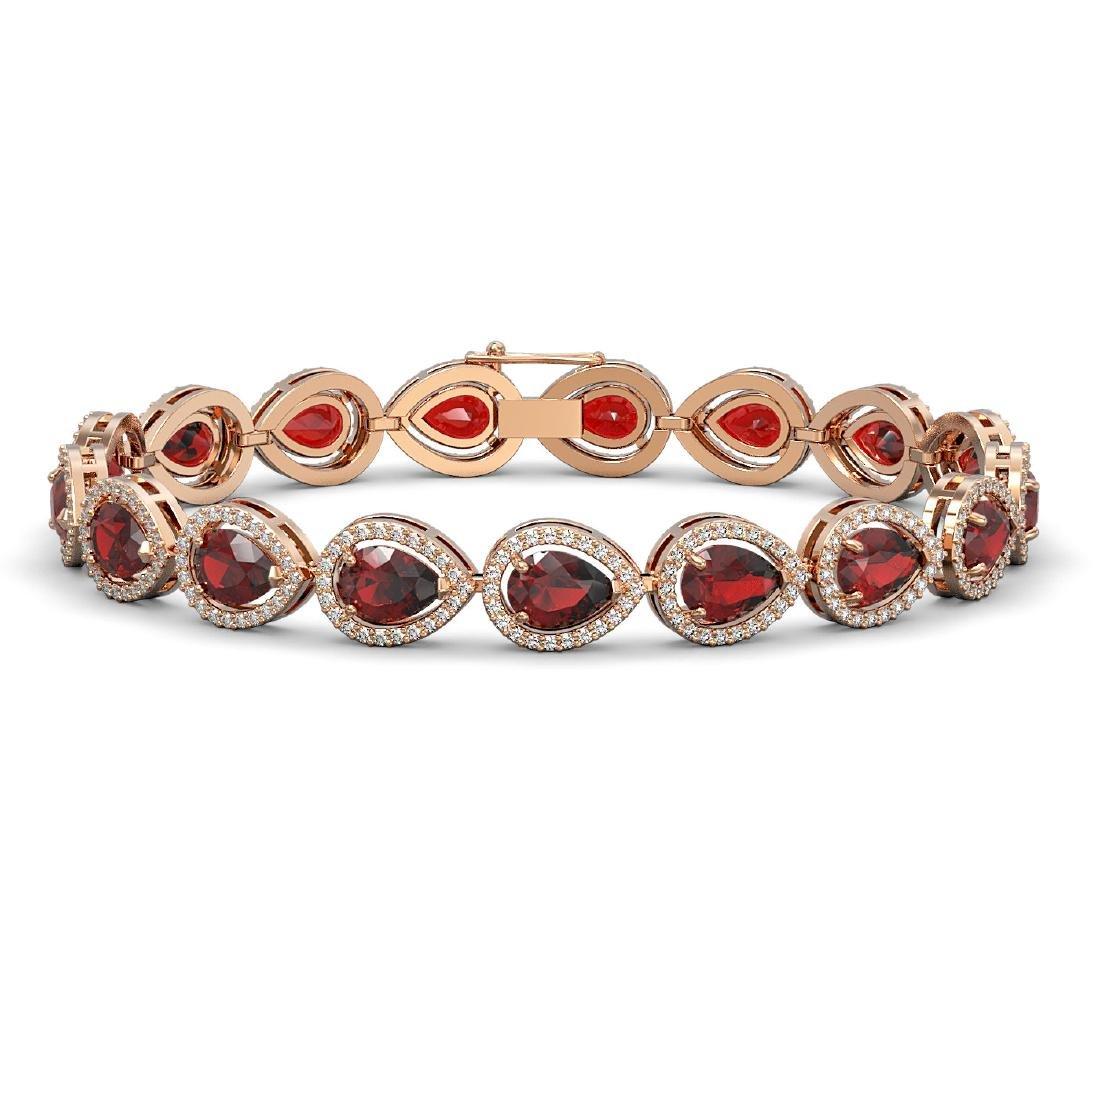 17.44 CTW Garnet & Diamond Halo Bracelet 10K Rose Gold